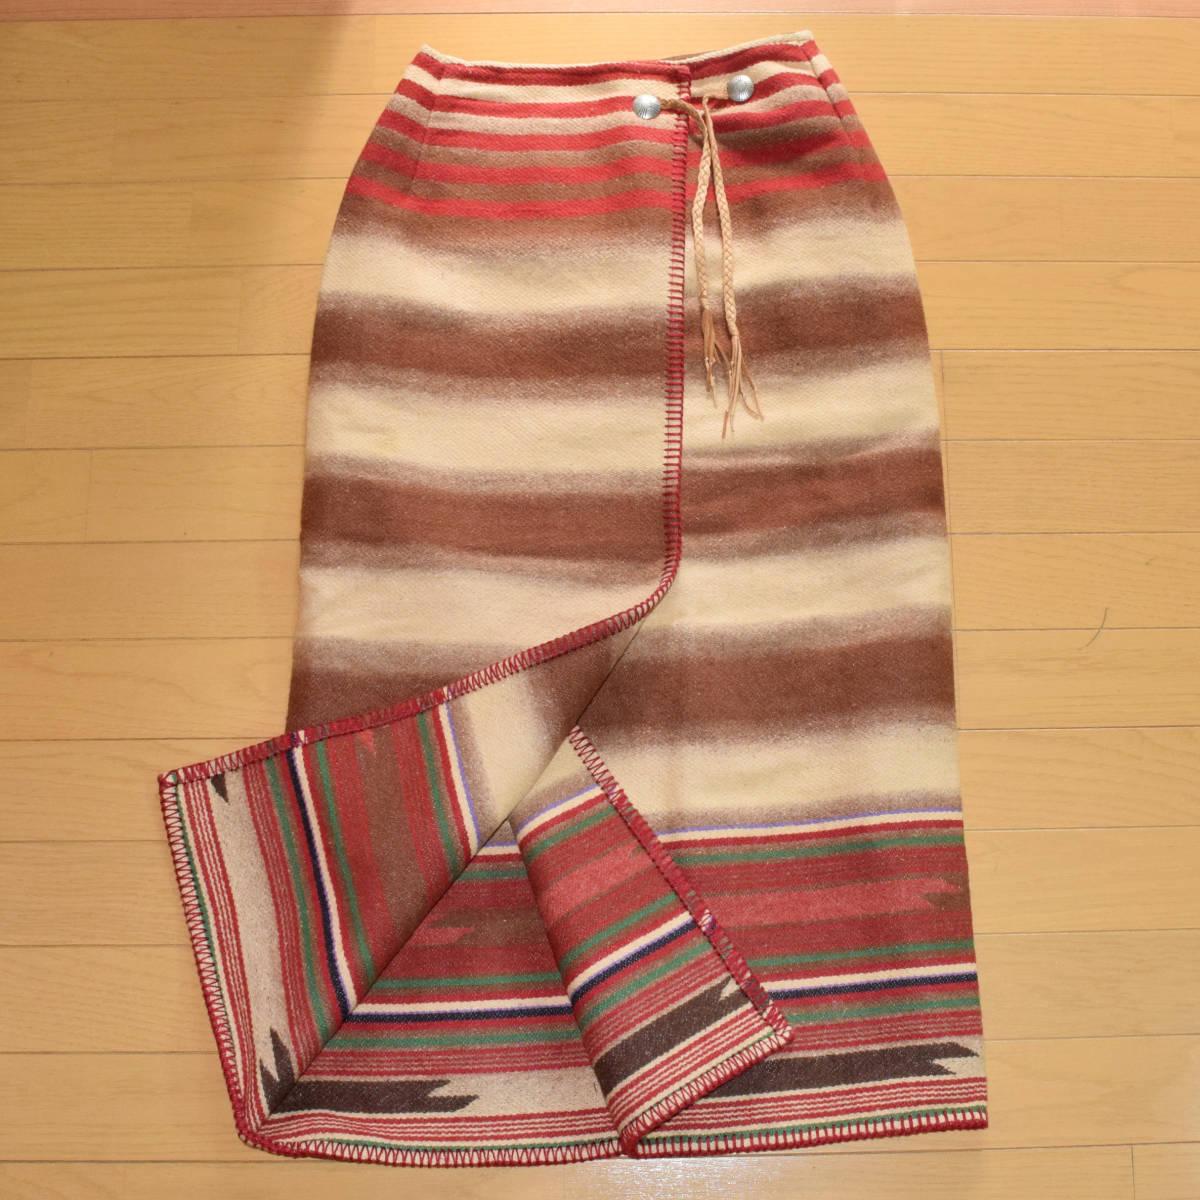 美品!USA製 ポロカントリー ネイティブ柄 ブランケット M ラグ ロング 巻きスカート コンチョ付 古着 ナバホ インディアン ビンテージ_画像1